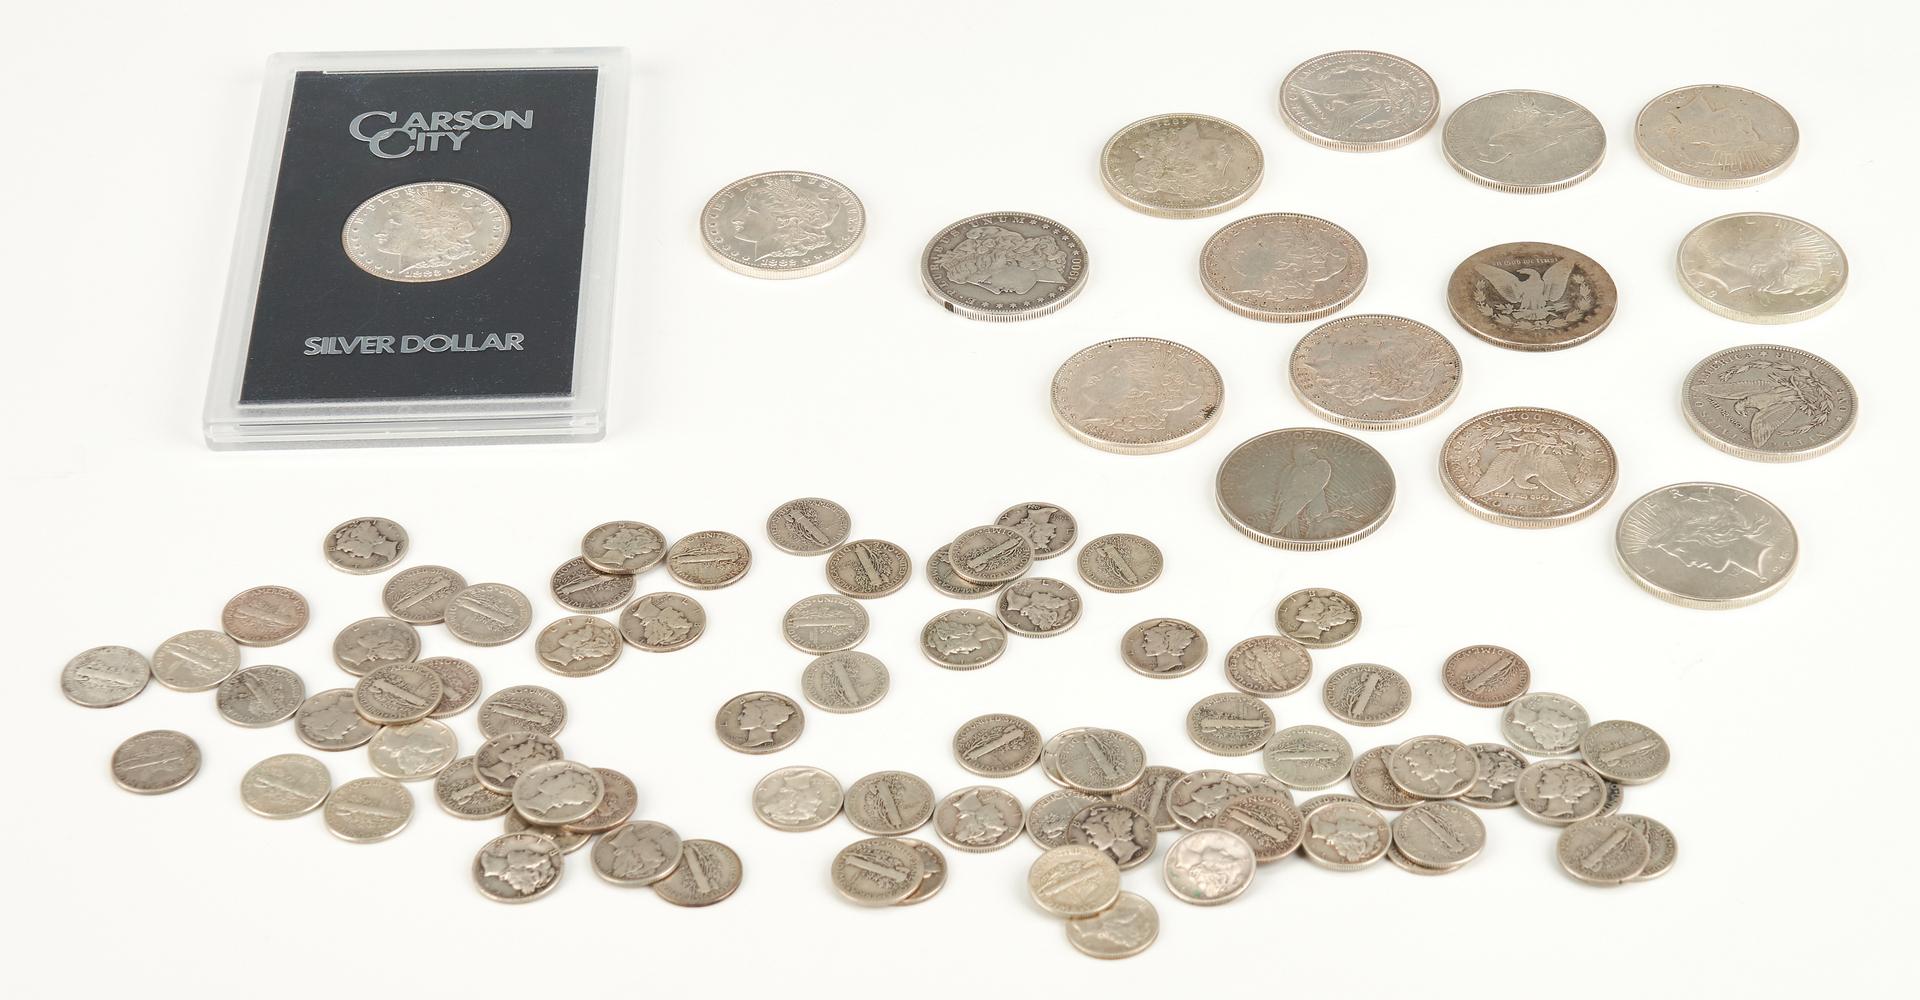 Lot 742: 93 Silver Coins, incl. UNC Morgan CC, Peace, Mercury